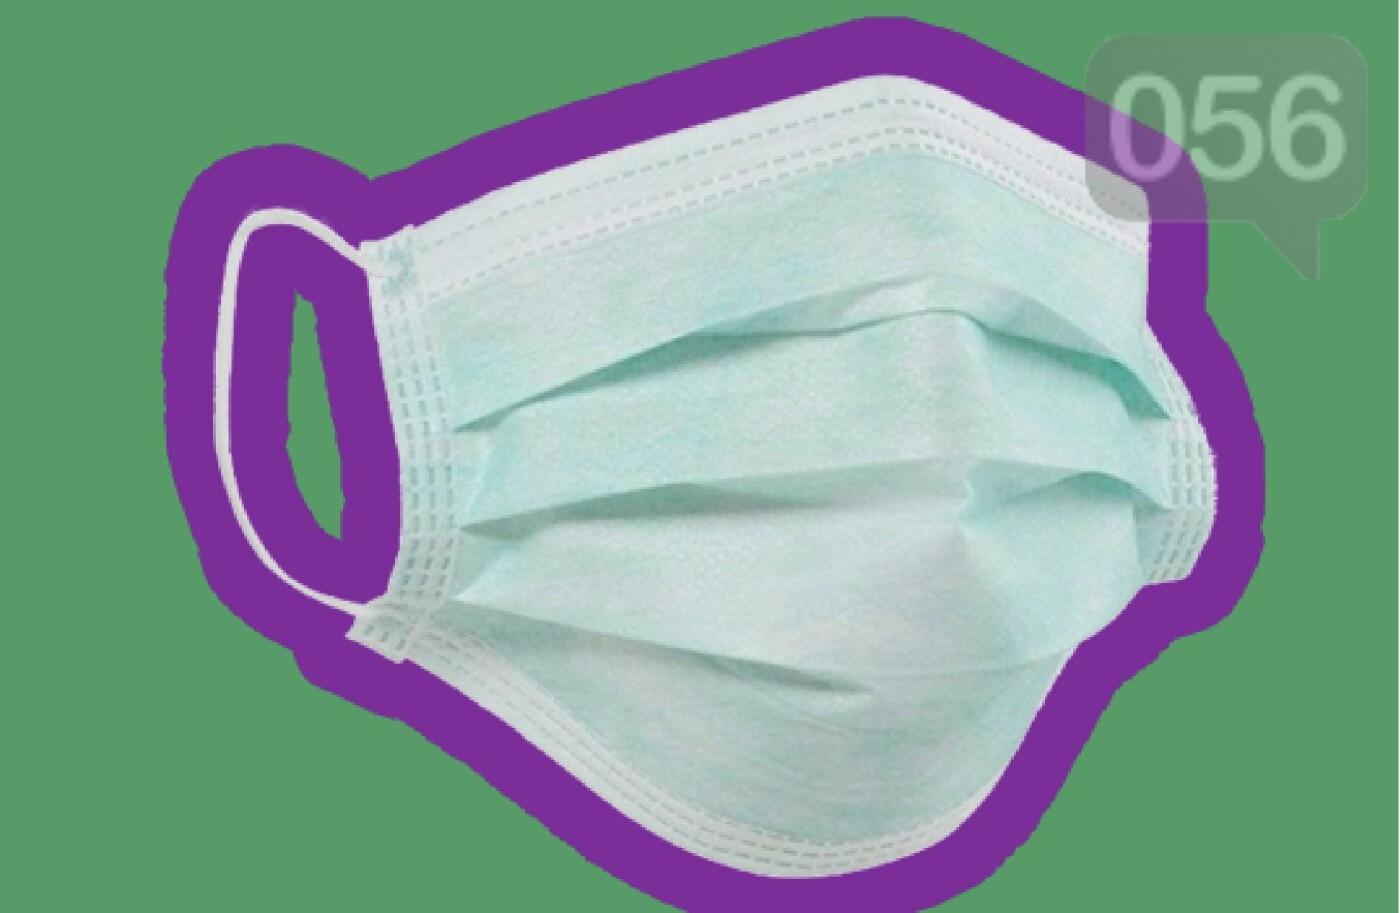 Как сделать маску от коронавируса и гриппа в домашних условиях, - ИНСТРУКЦИИ, фото-1